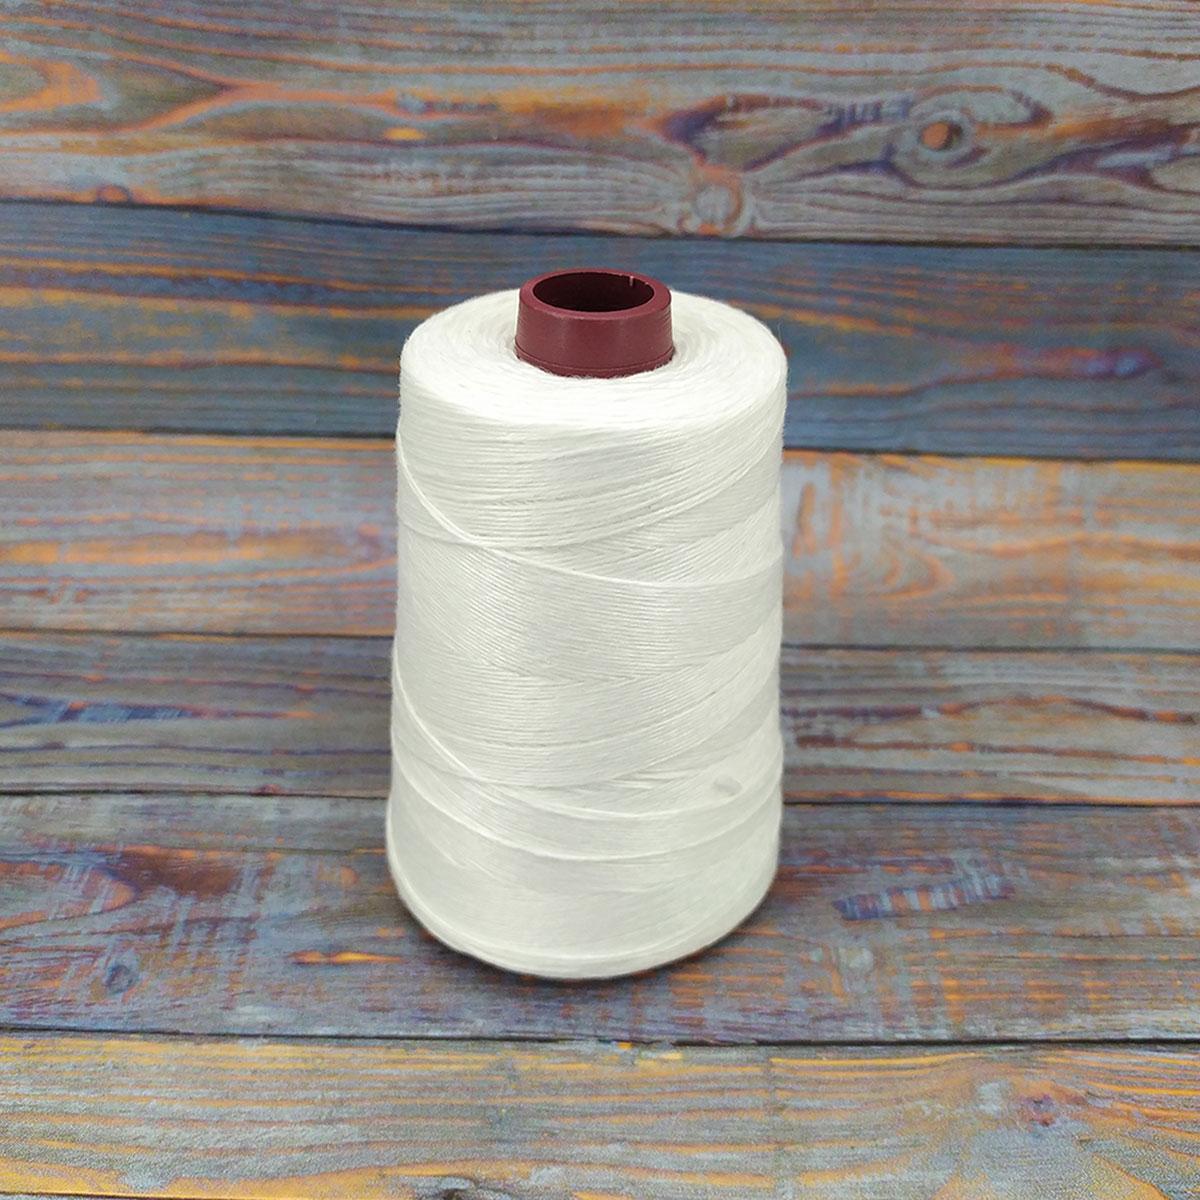 Нить для сшивания мешков 200г - 1000м 12S/4 крученая нитка для зшивання